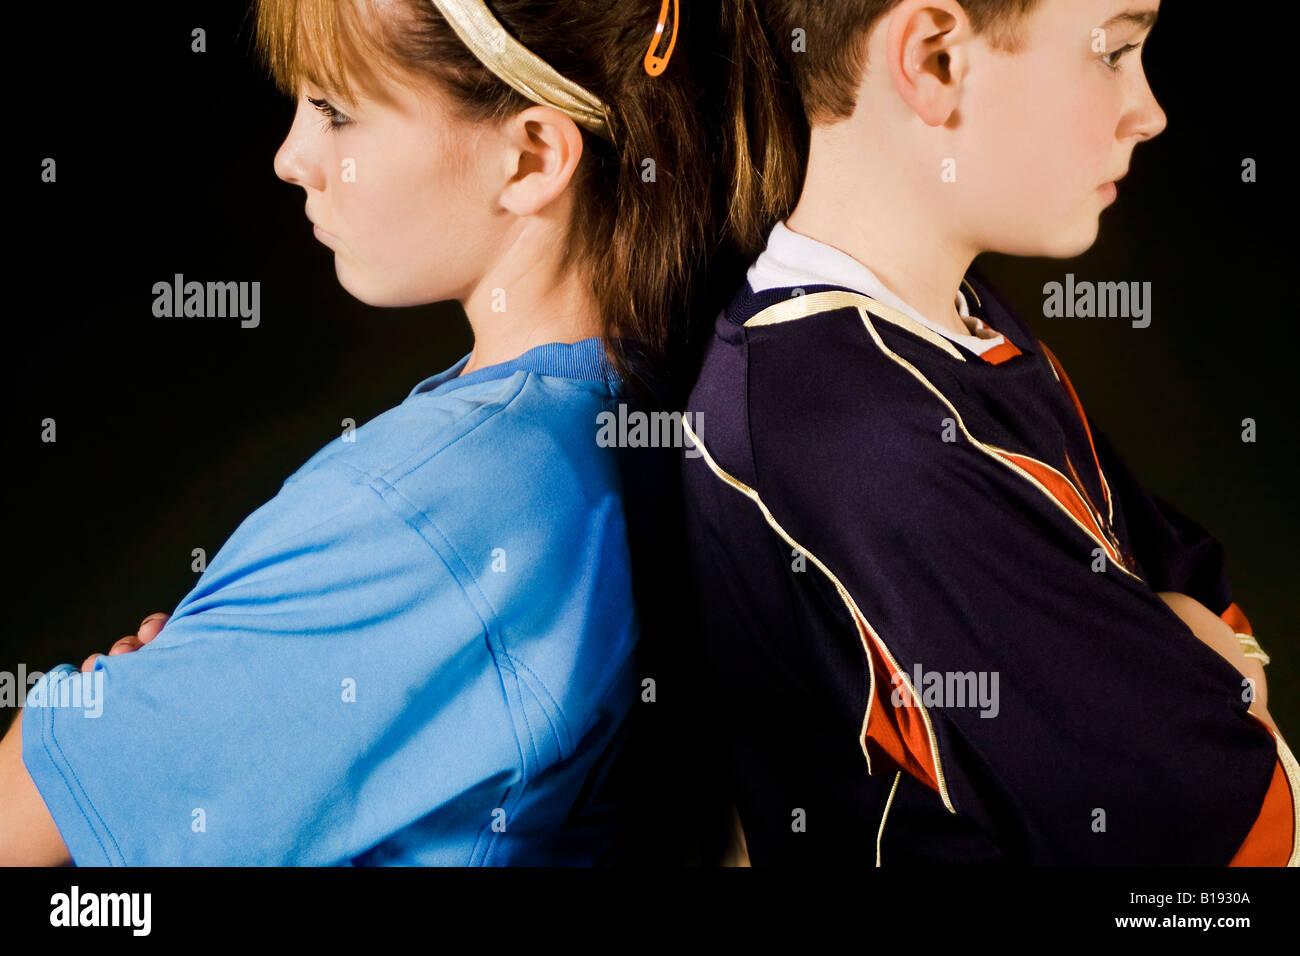 Deux adolescents en colère les uns avec les autres Photo Stock